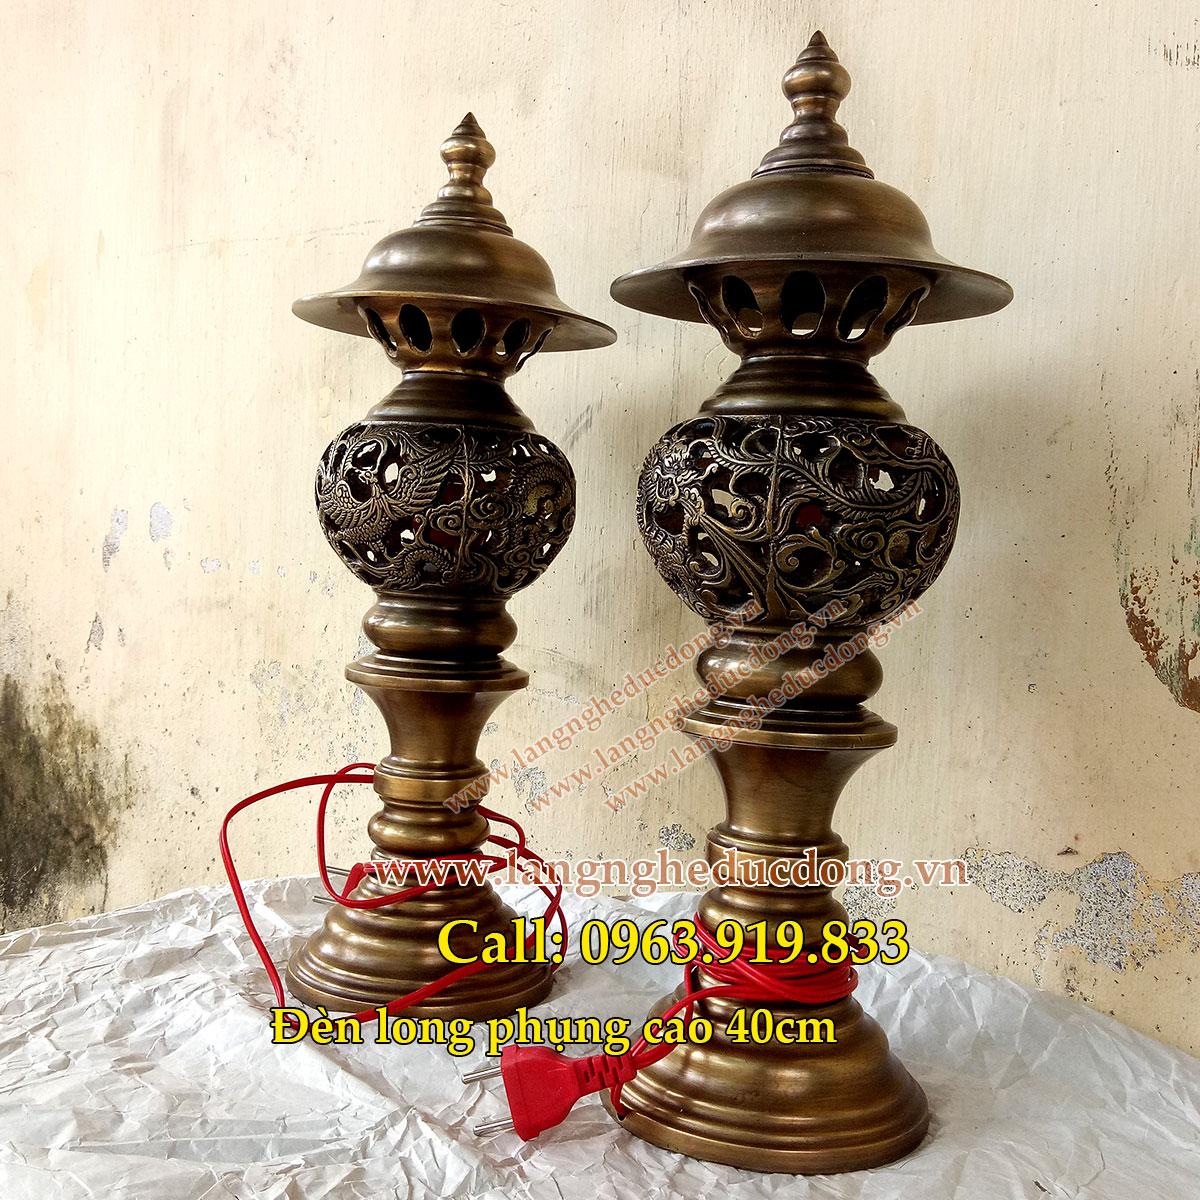 langngheducdong.vn - đèn thờ bằng đồng, đèn thờ cúng, đèn trang trí bàn thờ, đồ đồng thờ cúng